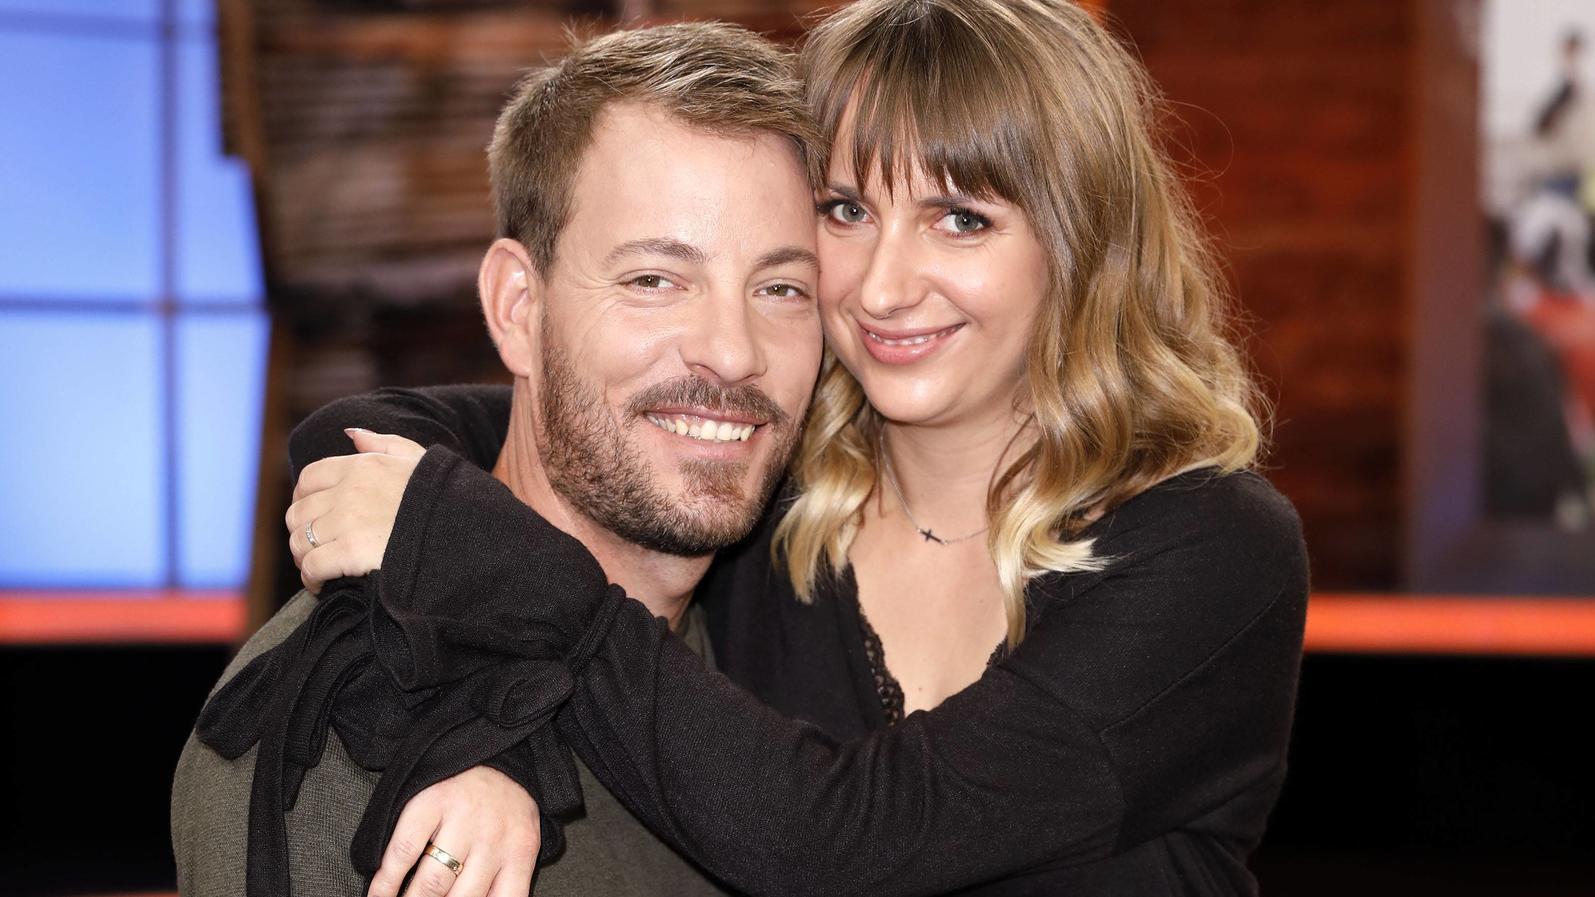 Gerald und Anna Heiser erwarten bald ihr erstes Baby.